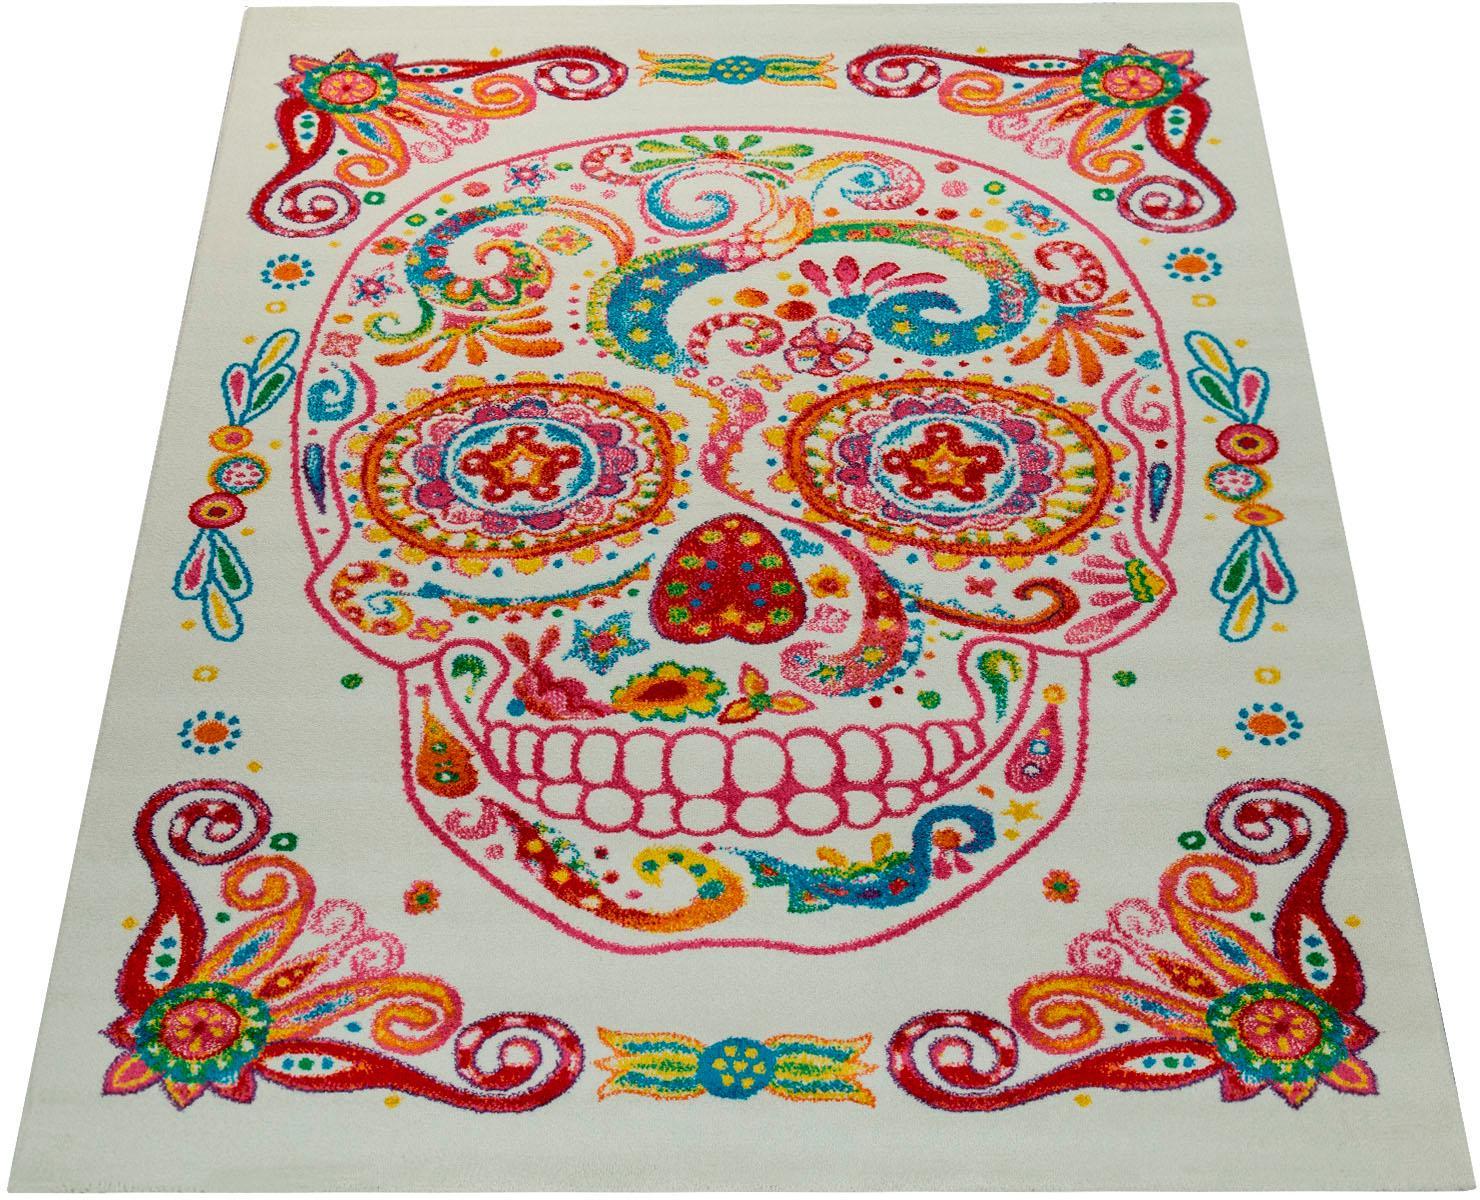 Teppich Canvas 982 Paco Home rechteckig Höhe 18 mm maschinell gewebt